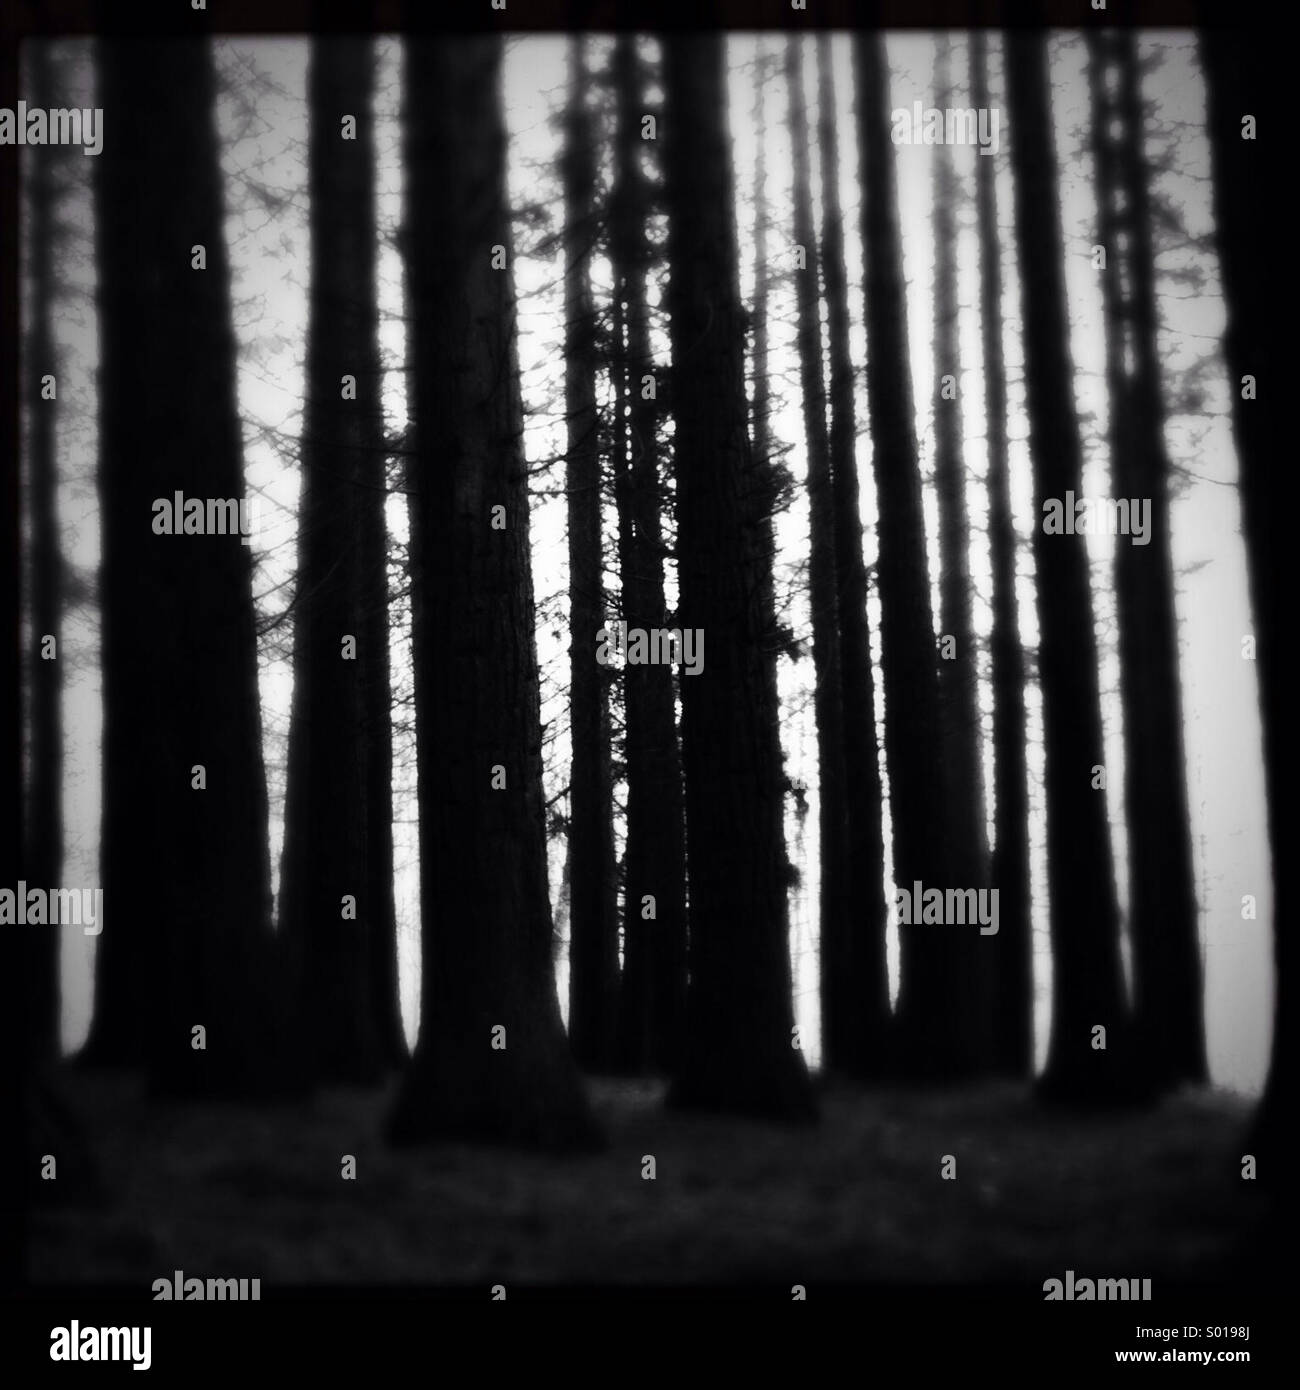 Hohe dicht gepackten silhouetted Baumstämmen in einem Nadelwald. British Columbia, Kanada. Stockbild